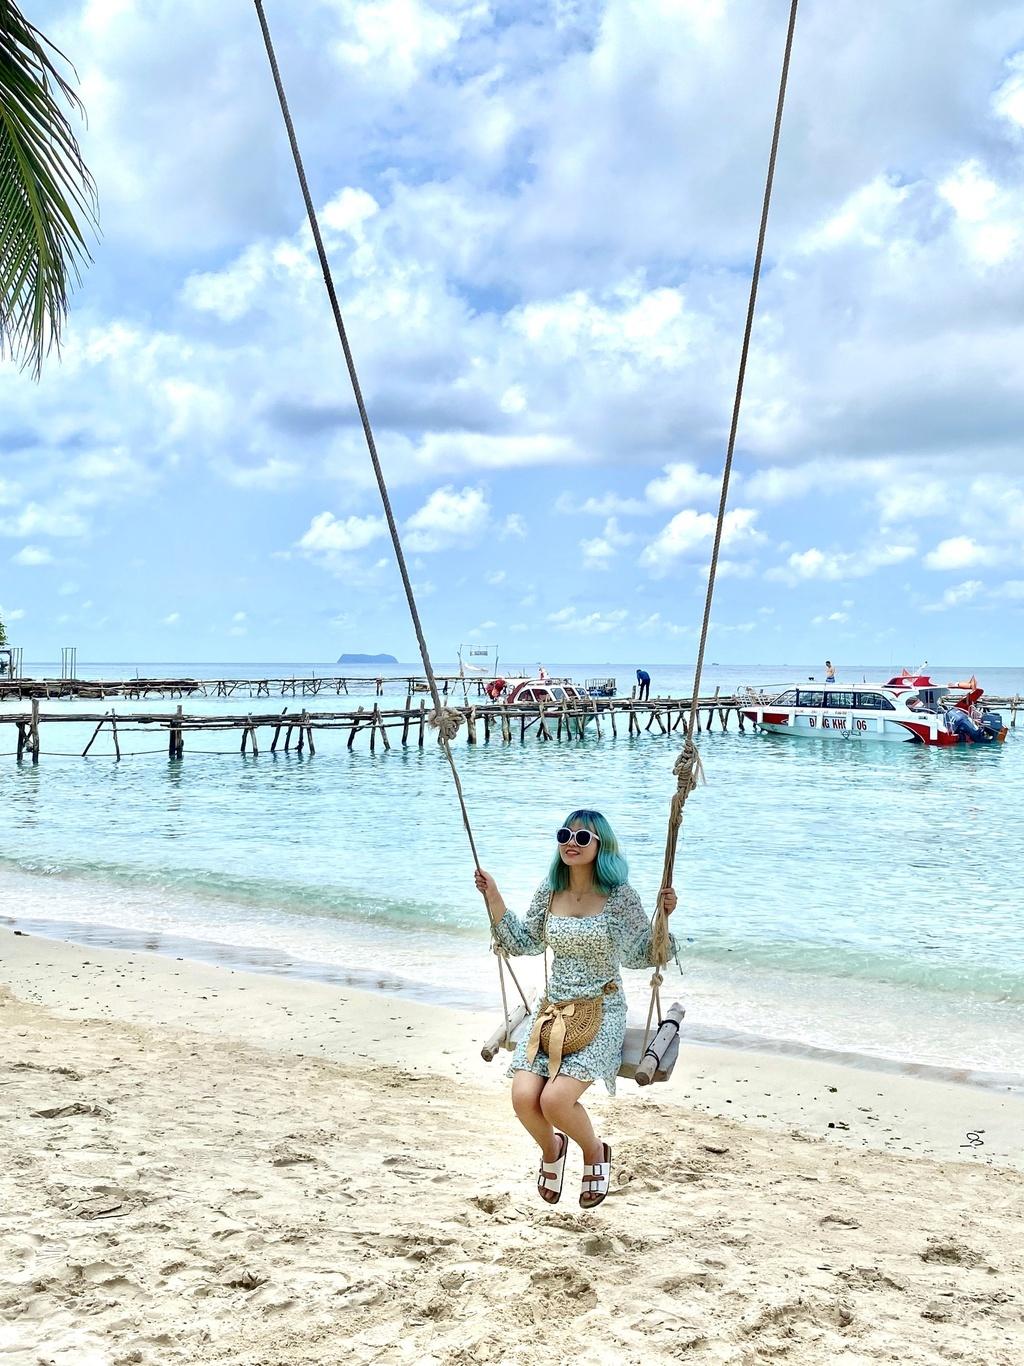 san ho o Phu Quoc anh 6  - IMG_8889 - Trải nghiệm lặn biển ngắm san hô trên đảo ngọc Phú Quốc